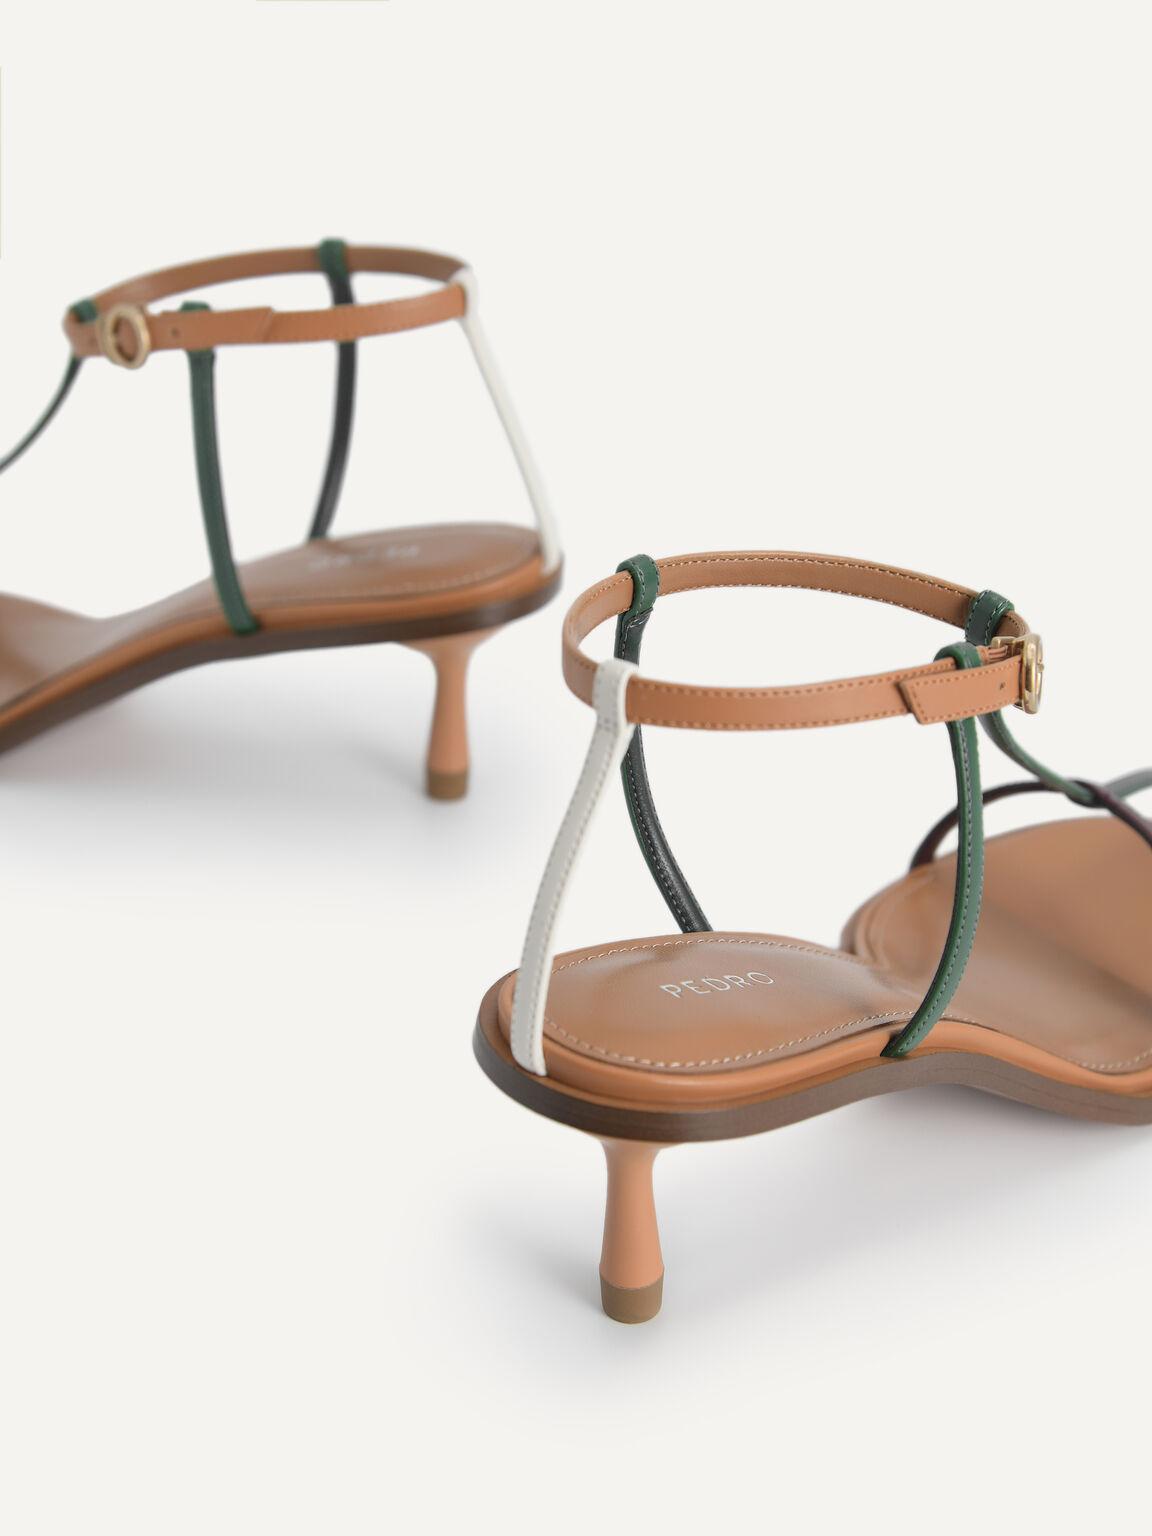 Ankle-Strap Heeled Sandals, Multi, hi-res